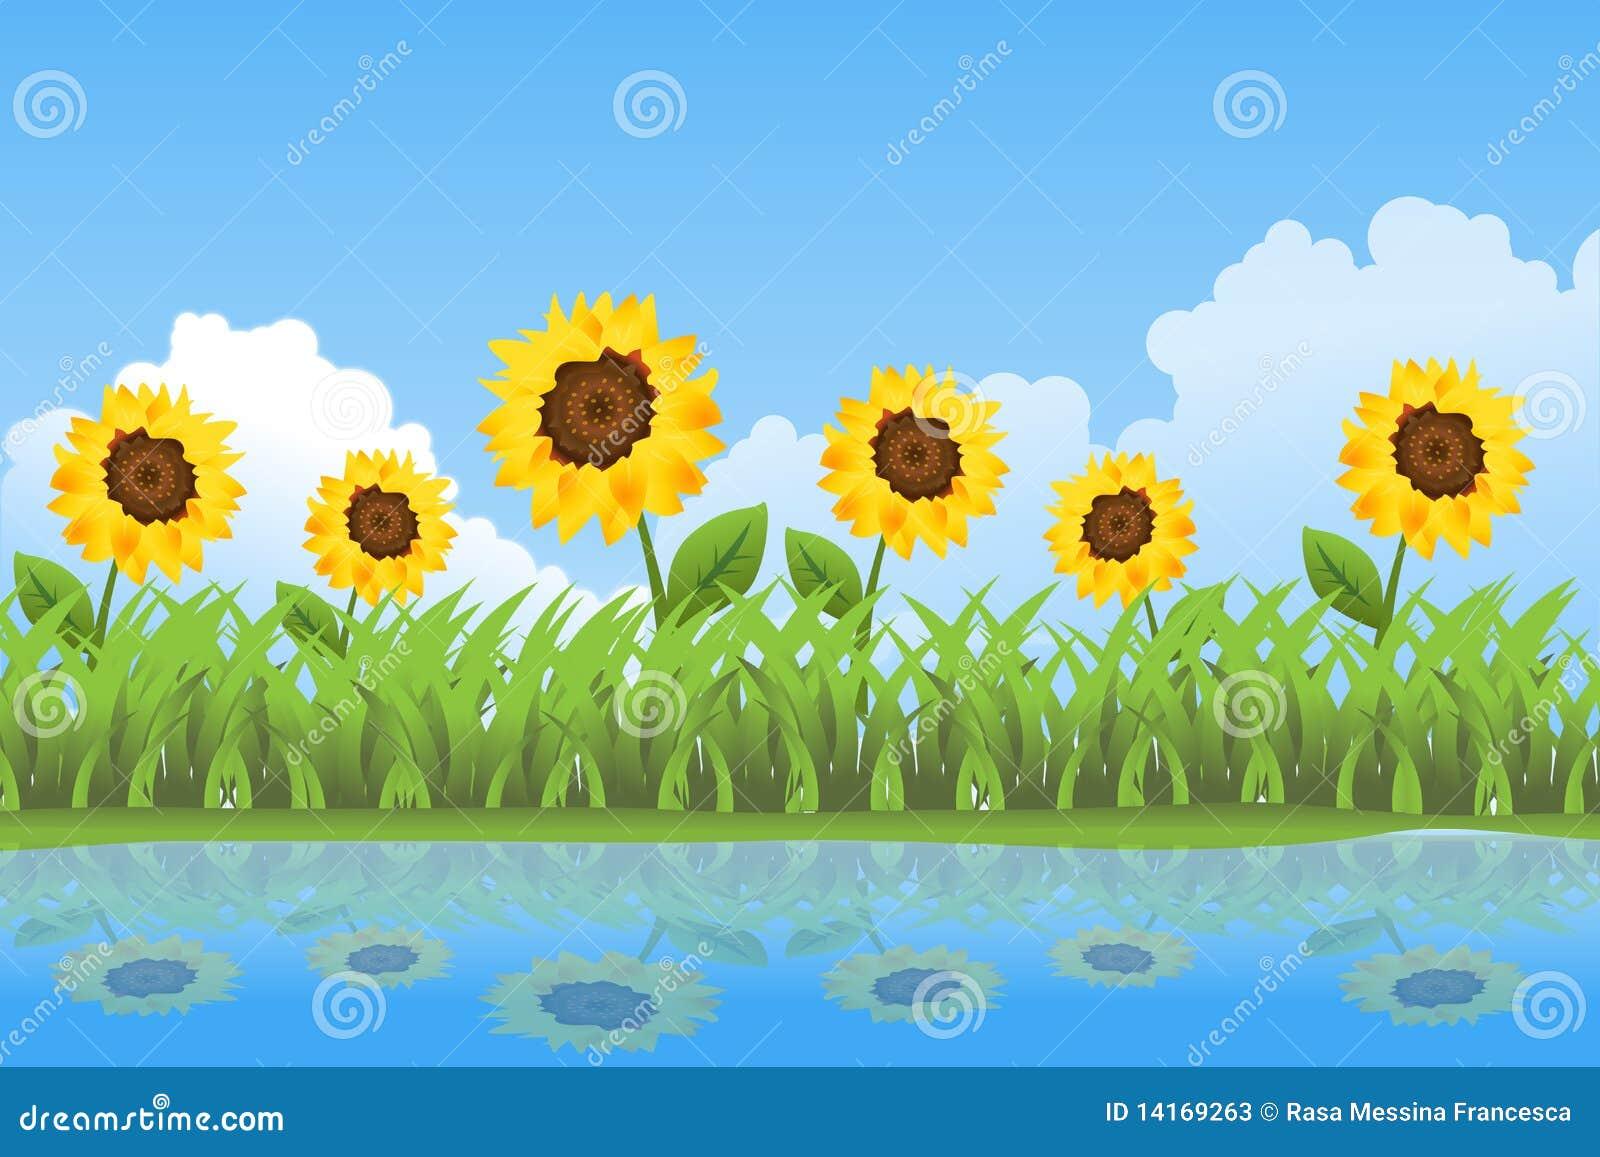 背景日夏天向日葵